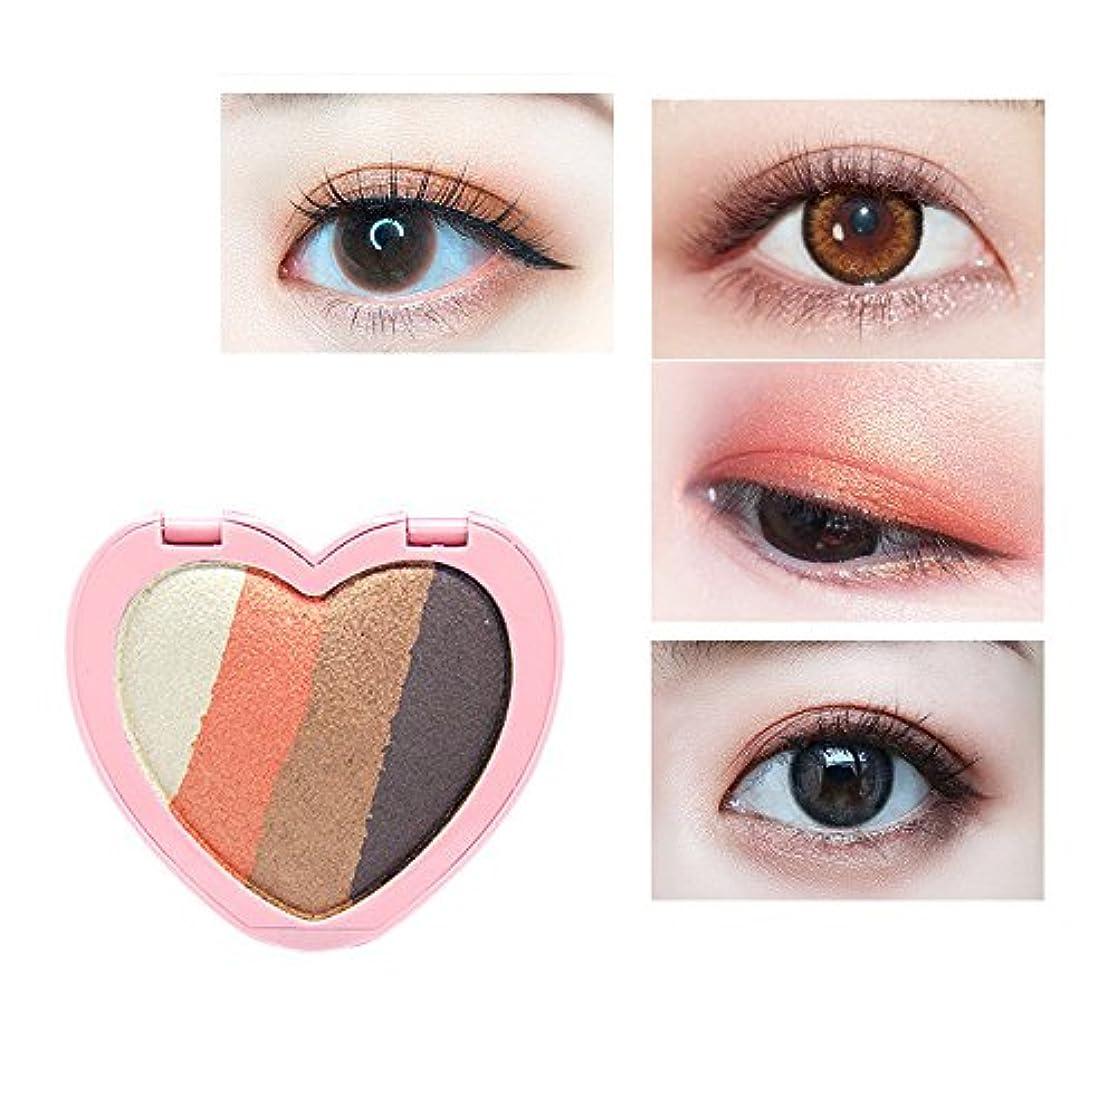 海外本会議細心のAkane アイシャドウパレット HOJO ファッション 超可愛い 心形 綺麗 素敵 美しい 防水 魅力的 高級 優雅な キラキラ 持ち便利 日常 Eye Shadow (4色) 8009